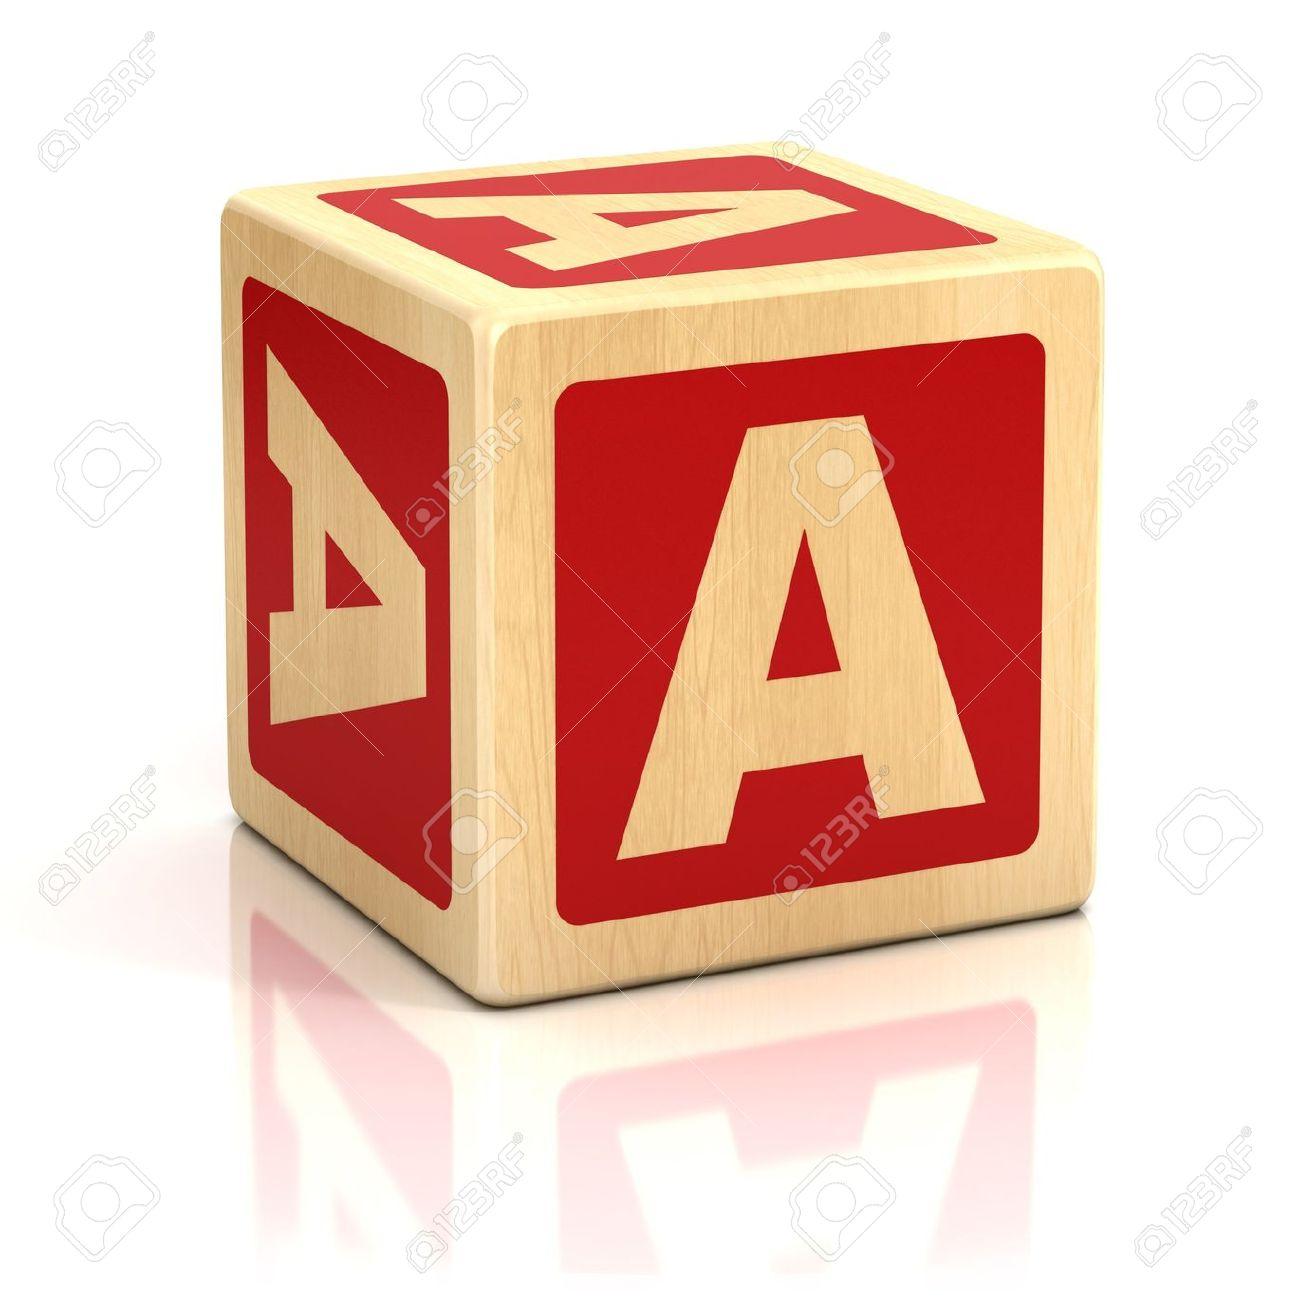 letter a alphabet cubes font Stock Photo - 19776028